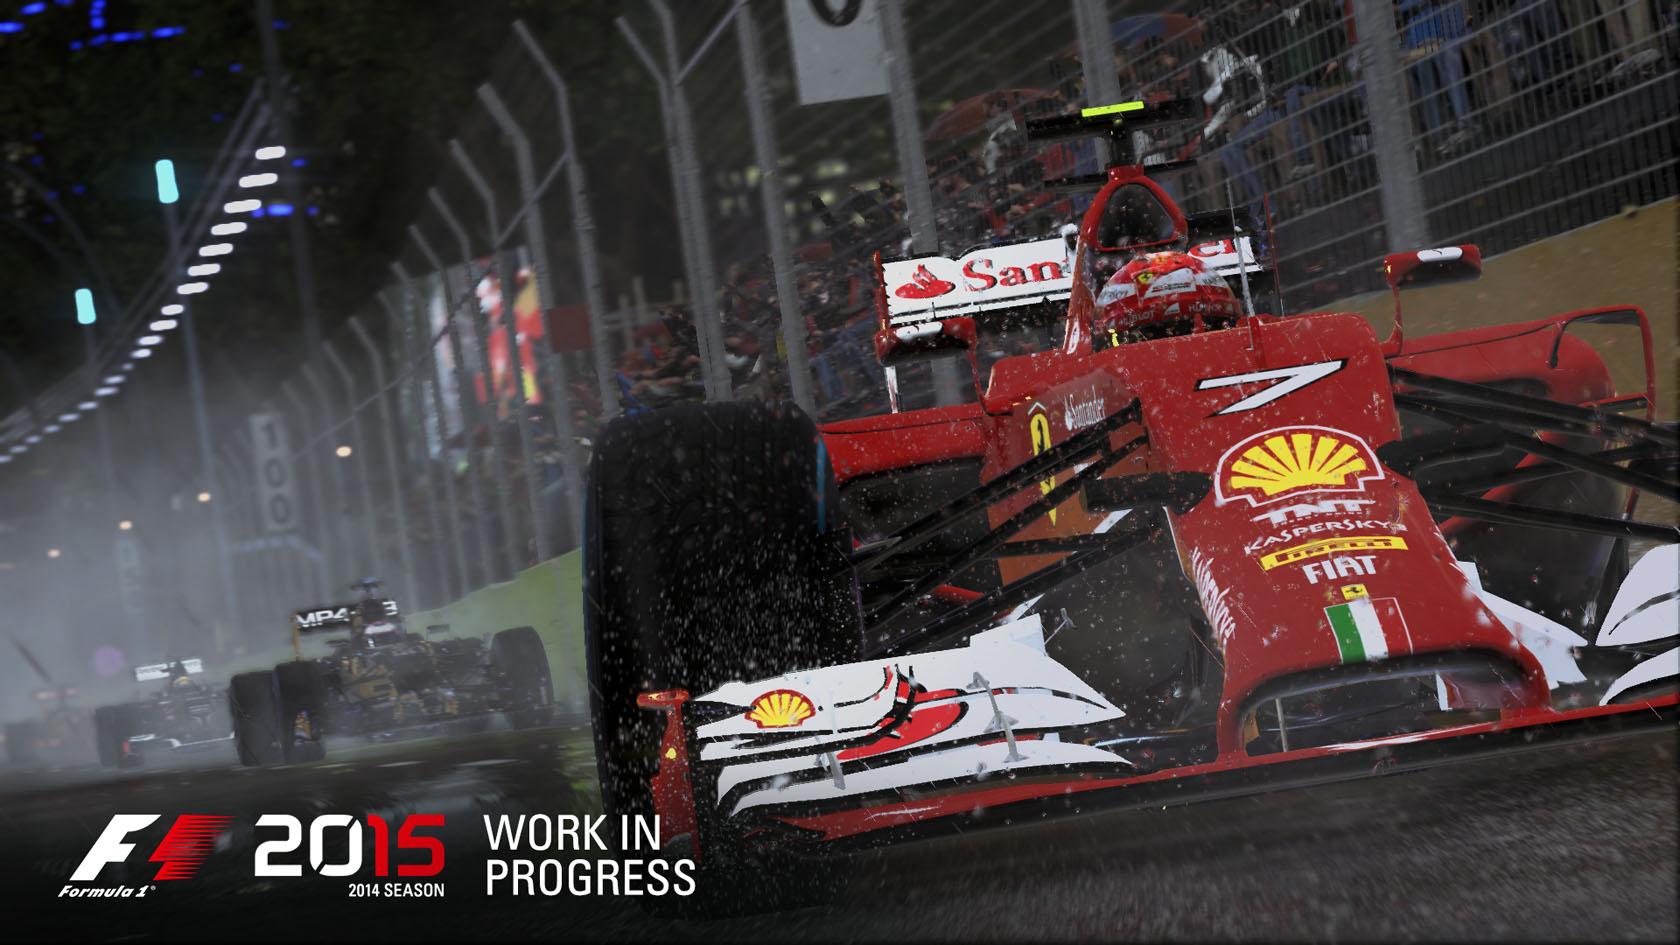 Hivatalos: Bejelentették az F1 2015 játékot! Sokkal szebb és reálisabb lesz! Júniusban érkezik PC-re és a next-gen konzolokra